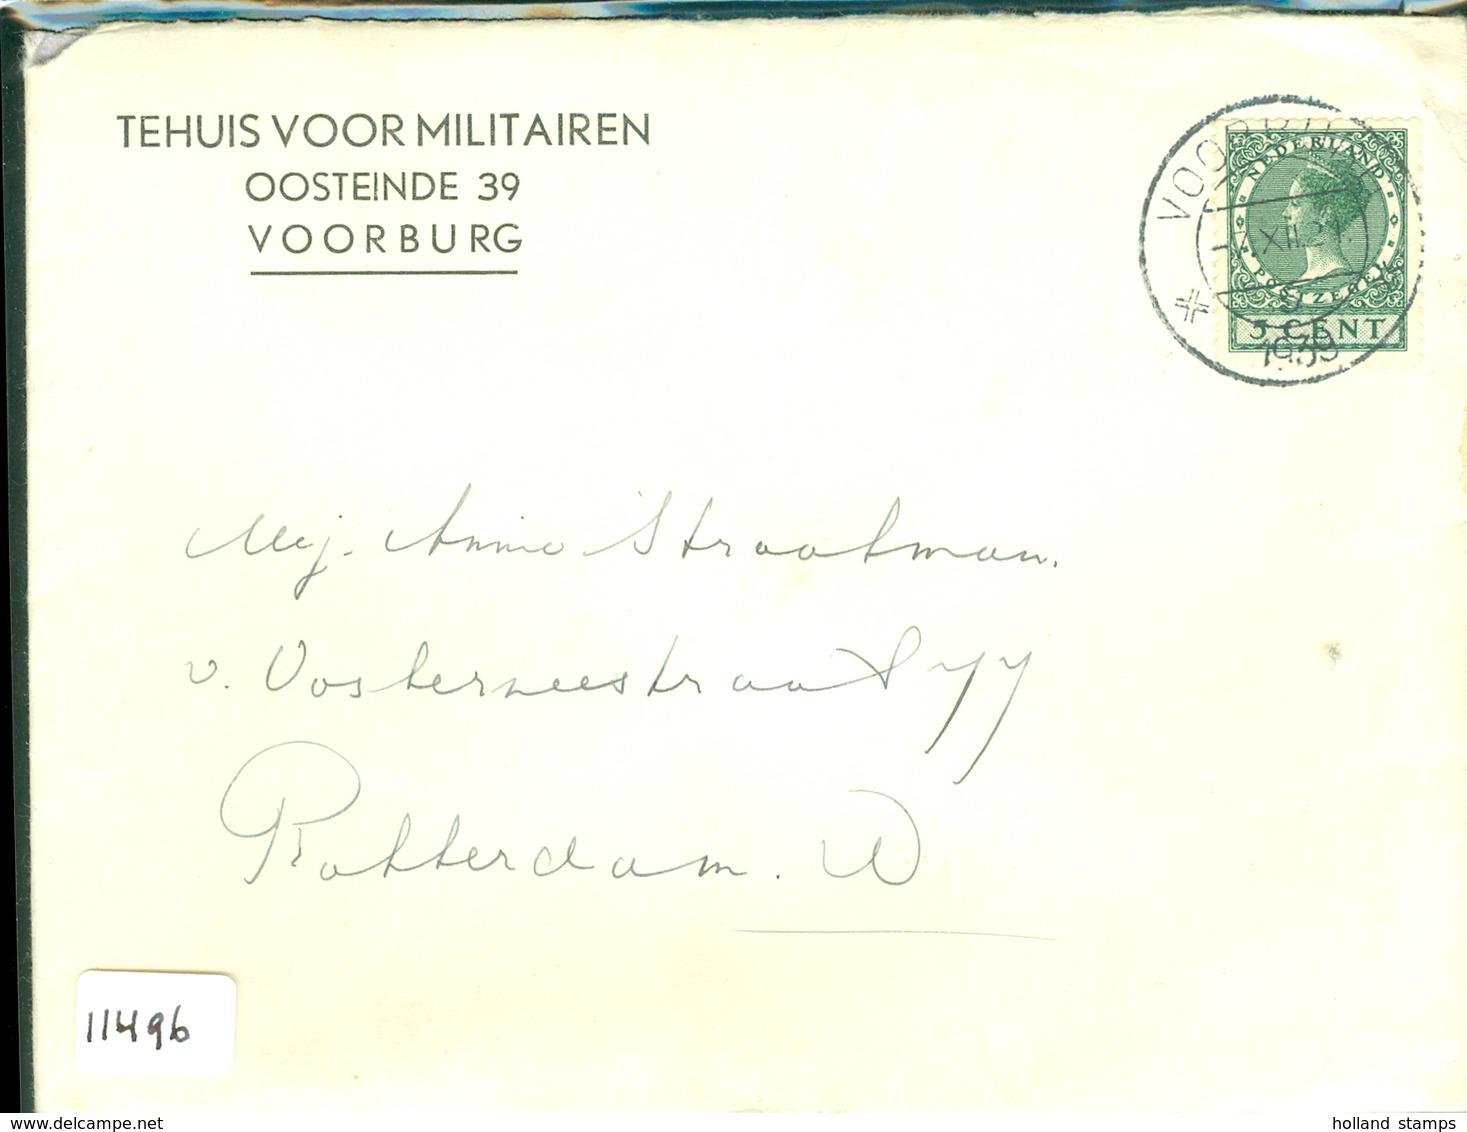 HANDGESCHREVEN BRIEF Uit 1939 Van TEHUIS VOOR MILITAIREN TE VOORBURG Naar ROTTERDAM     (11.496) - Periode 1891-1948 (Wilhelmina)